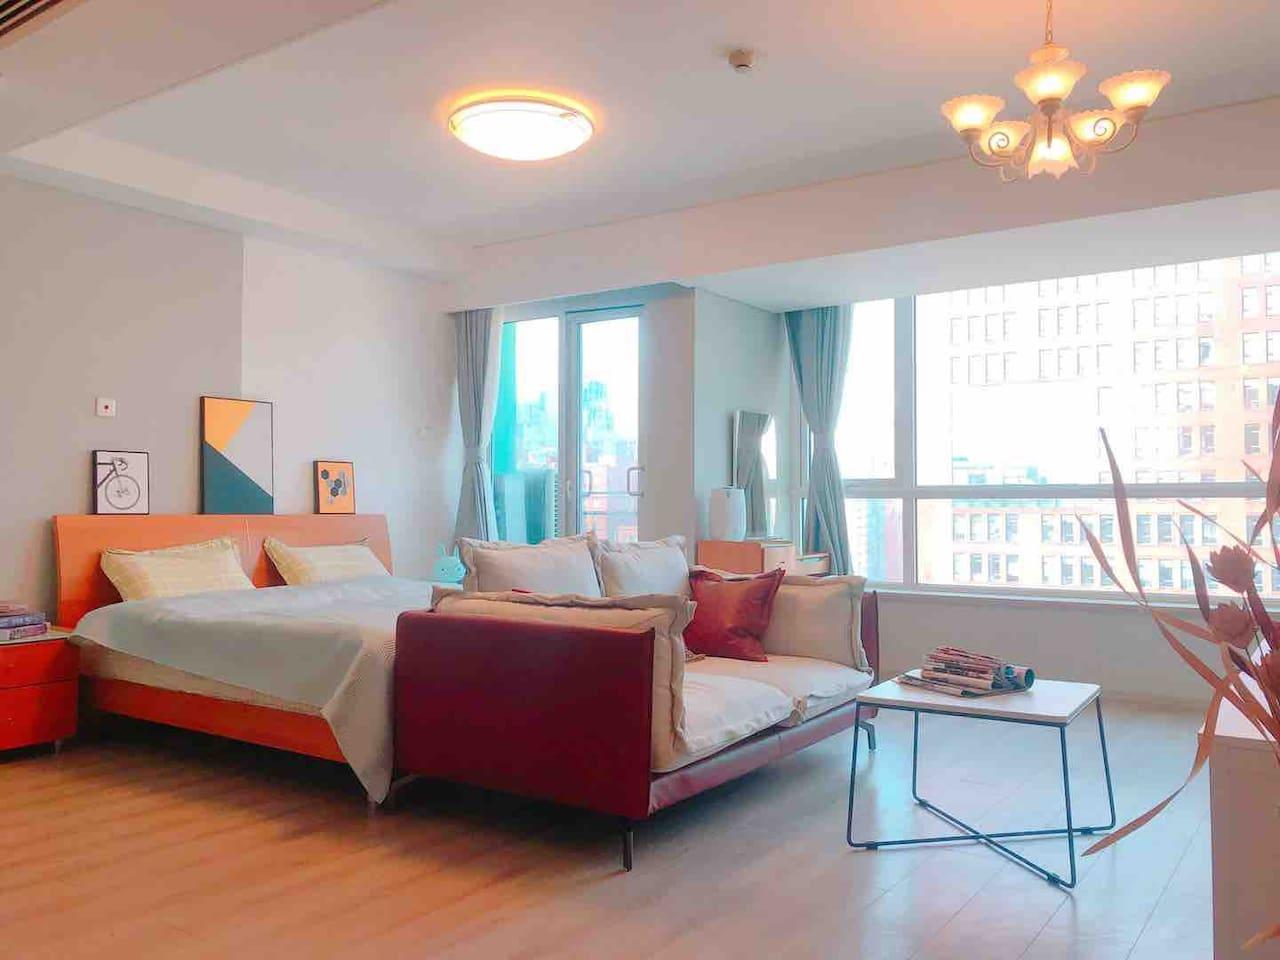 北京朝阳CBD国贸商圈高端公寓(华贸)现代简约时尚风